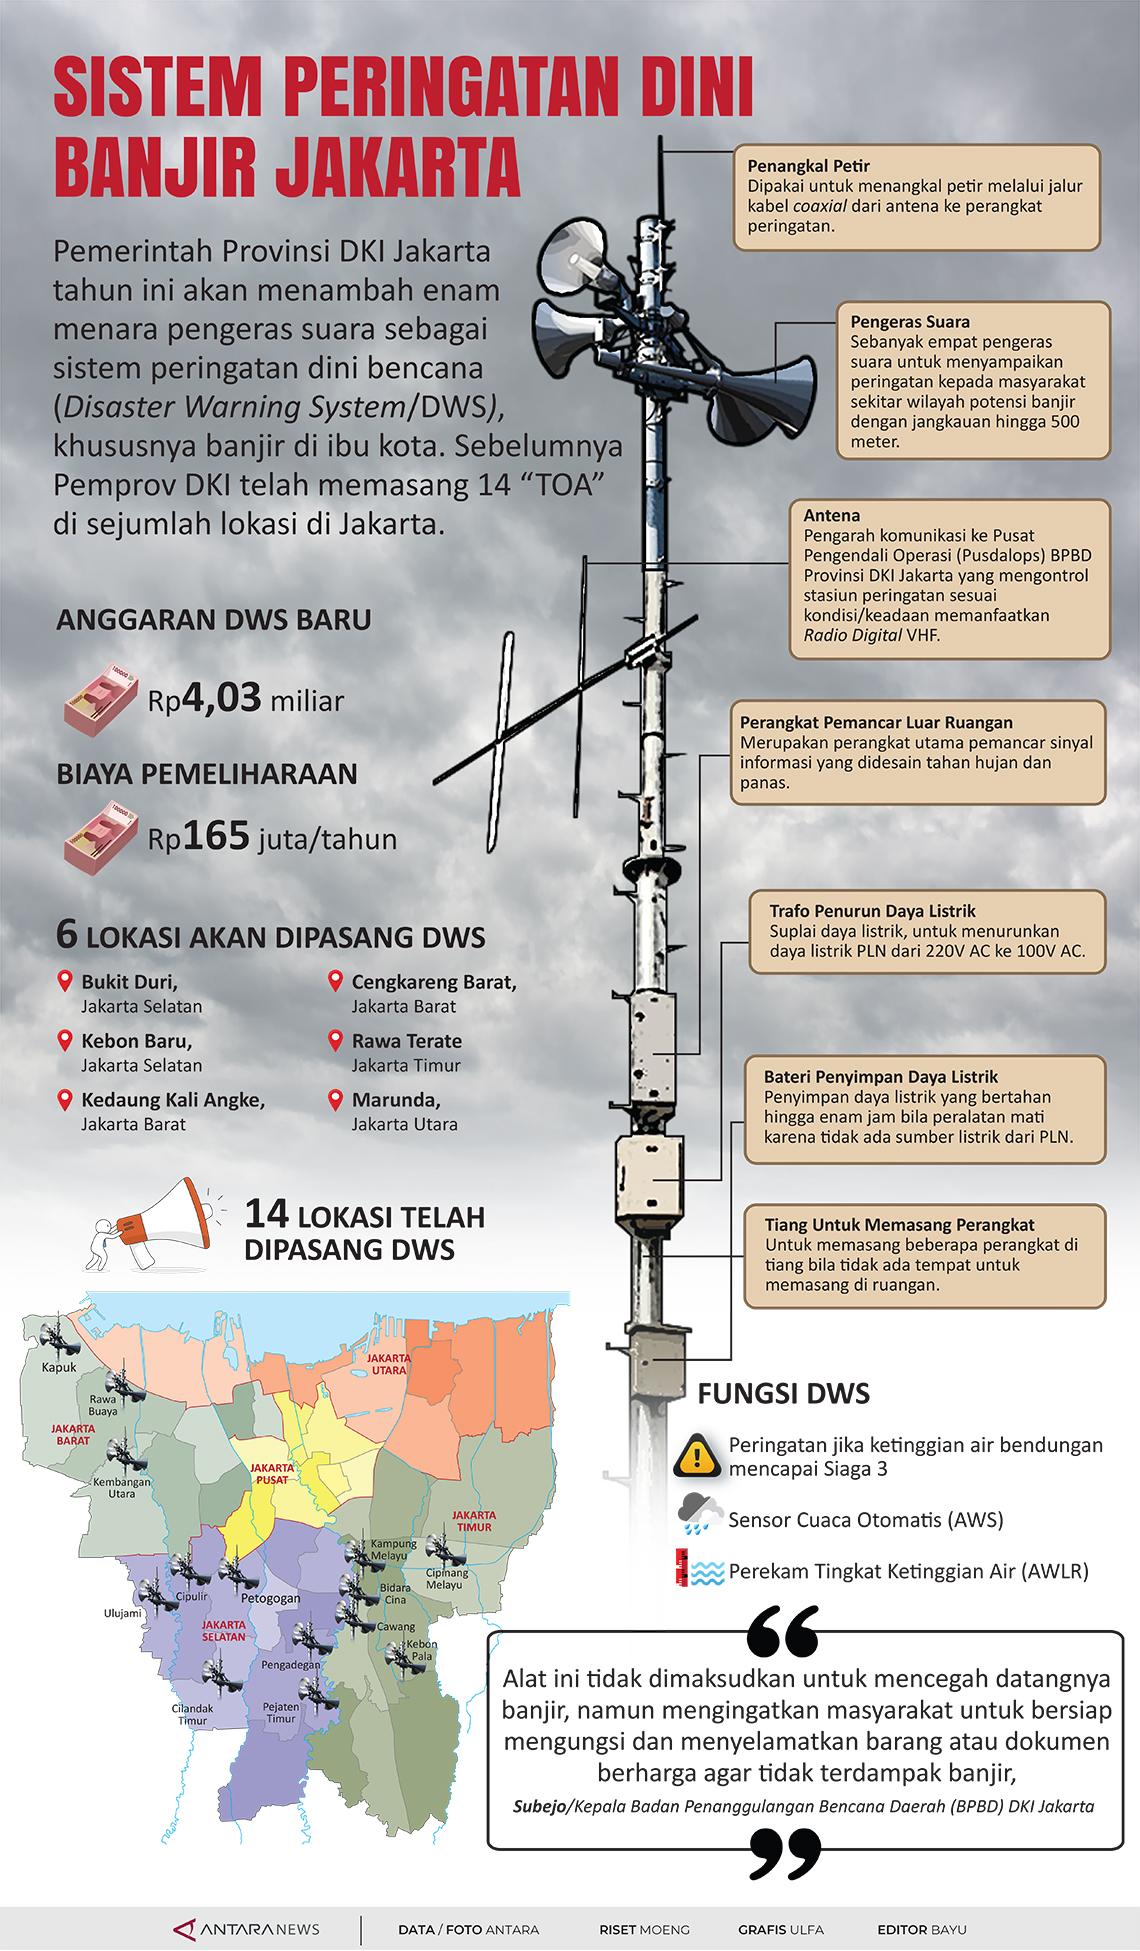 Sistem peringatan dini banjir Jakarta